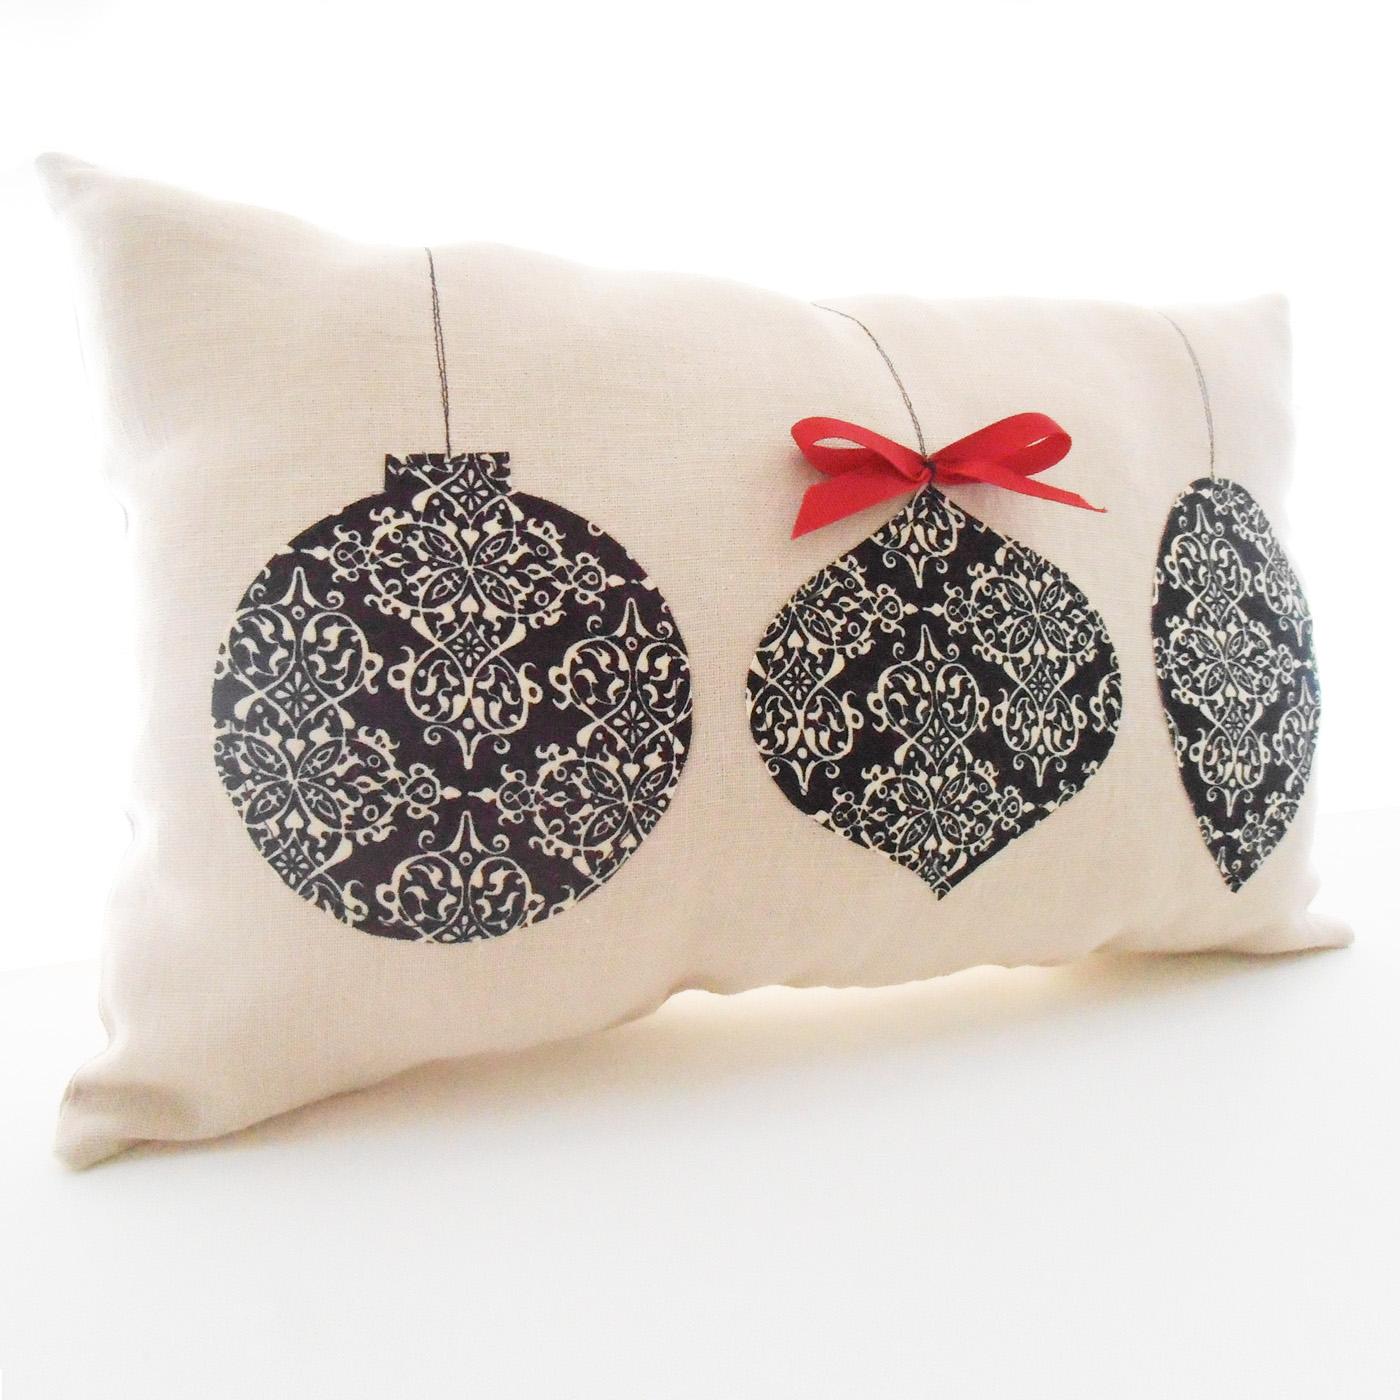 Tallgrass Design: Christmas Pillows